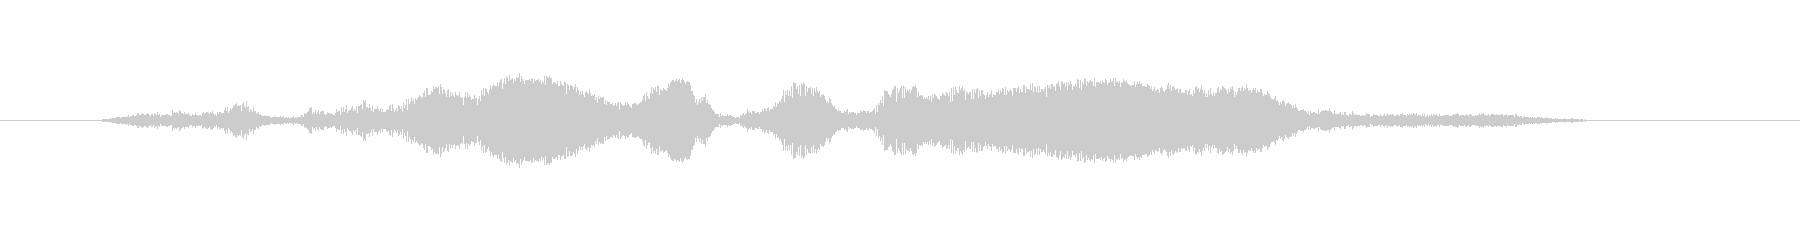 吹き損ねの笛の未再生の波形